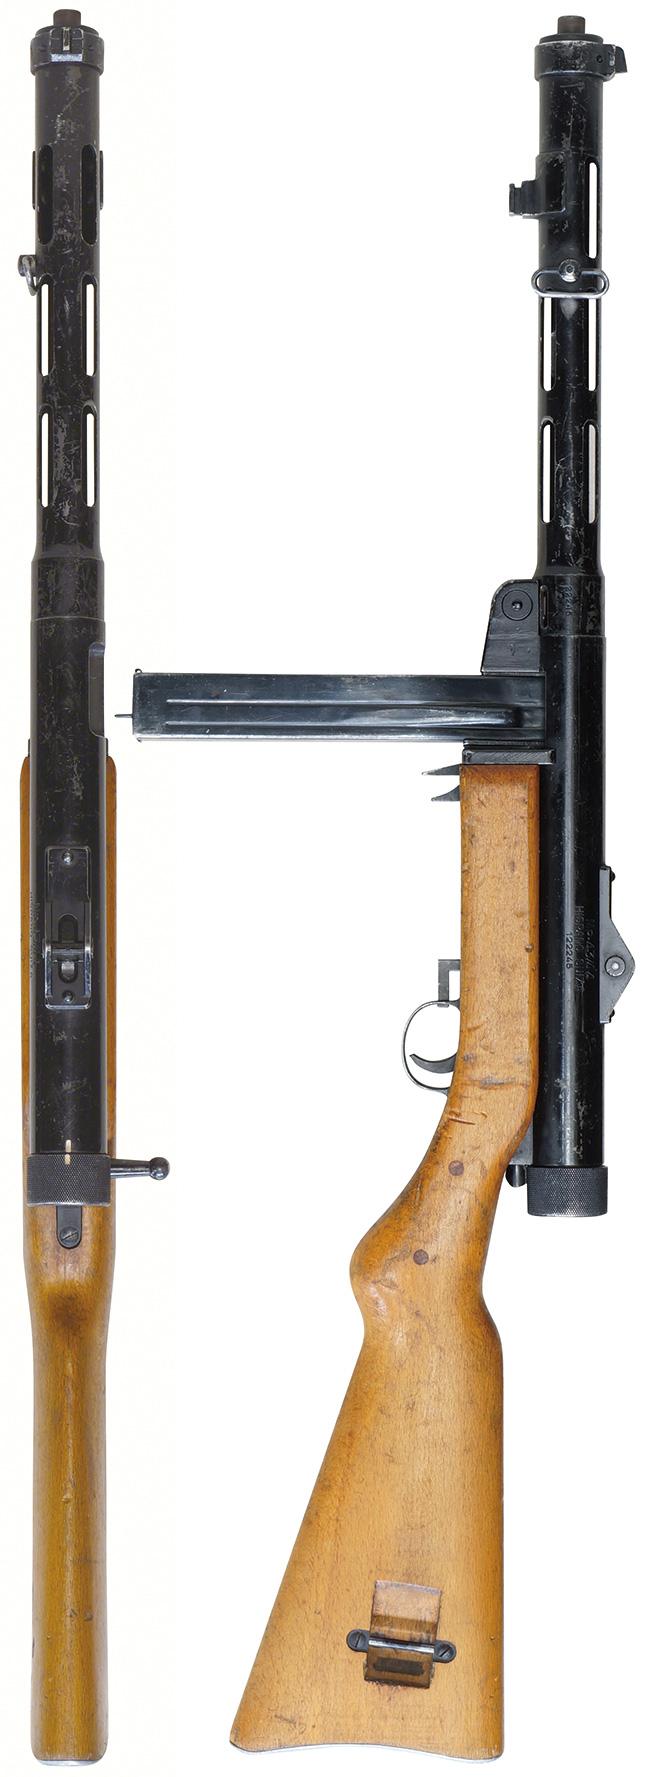 【5885】イスパノ・スイザ-MP43-44-短機関銃-(#122245)左.jpg